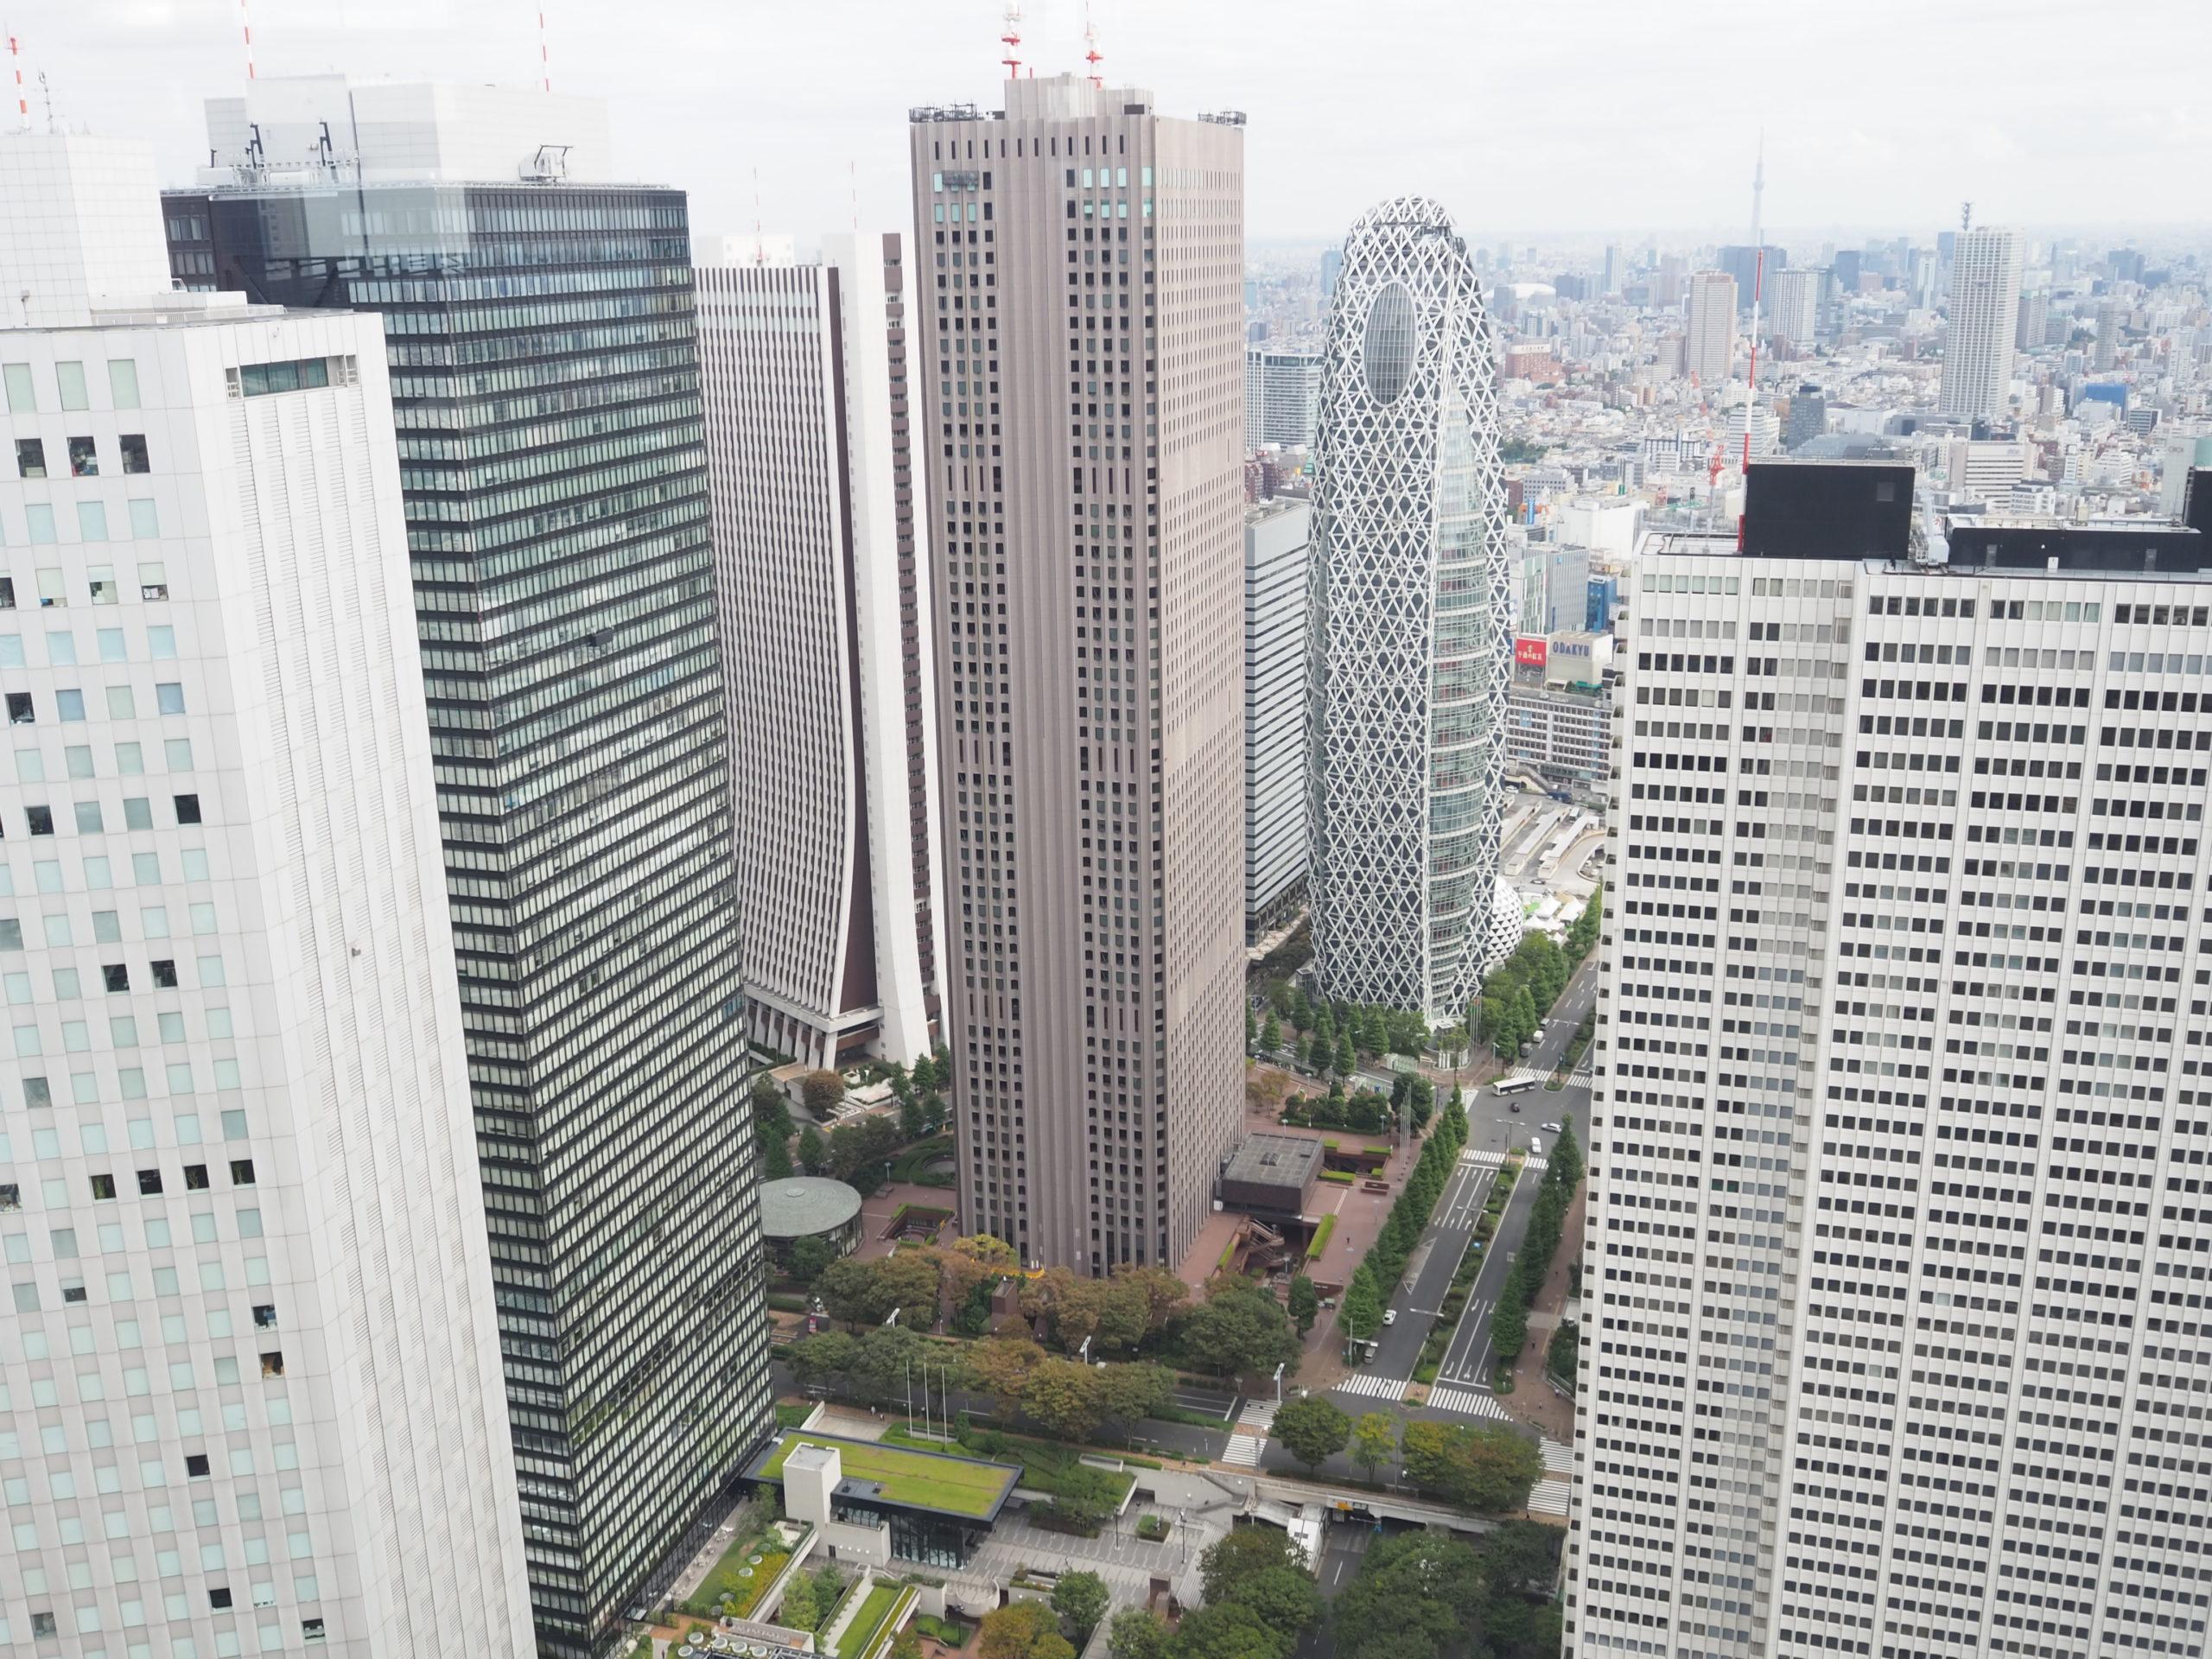 業務粗利トップは三菱UFJ銀行の5137億円<br>粗利総額0.66%増の2.85兆円、減益は56機関に増